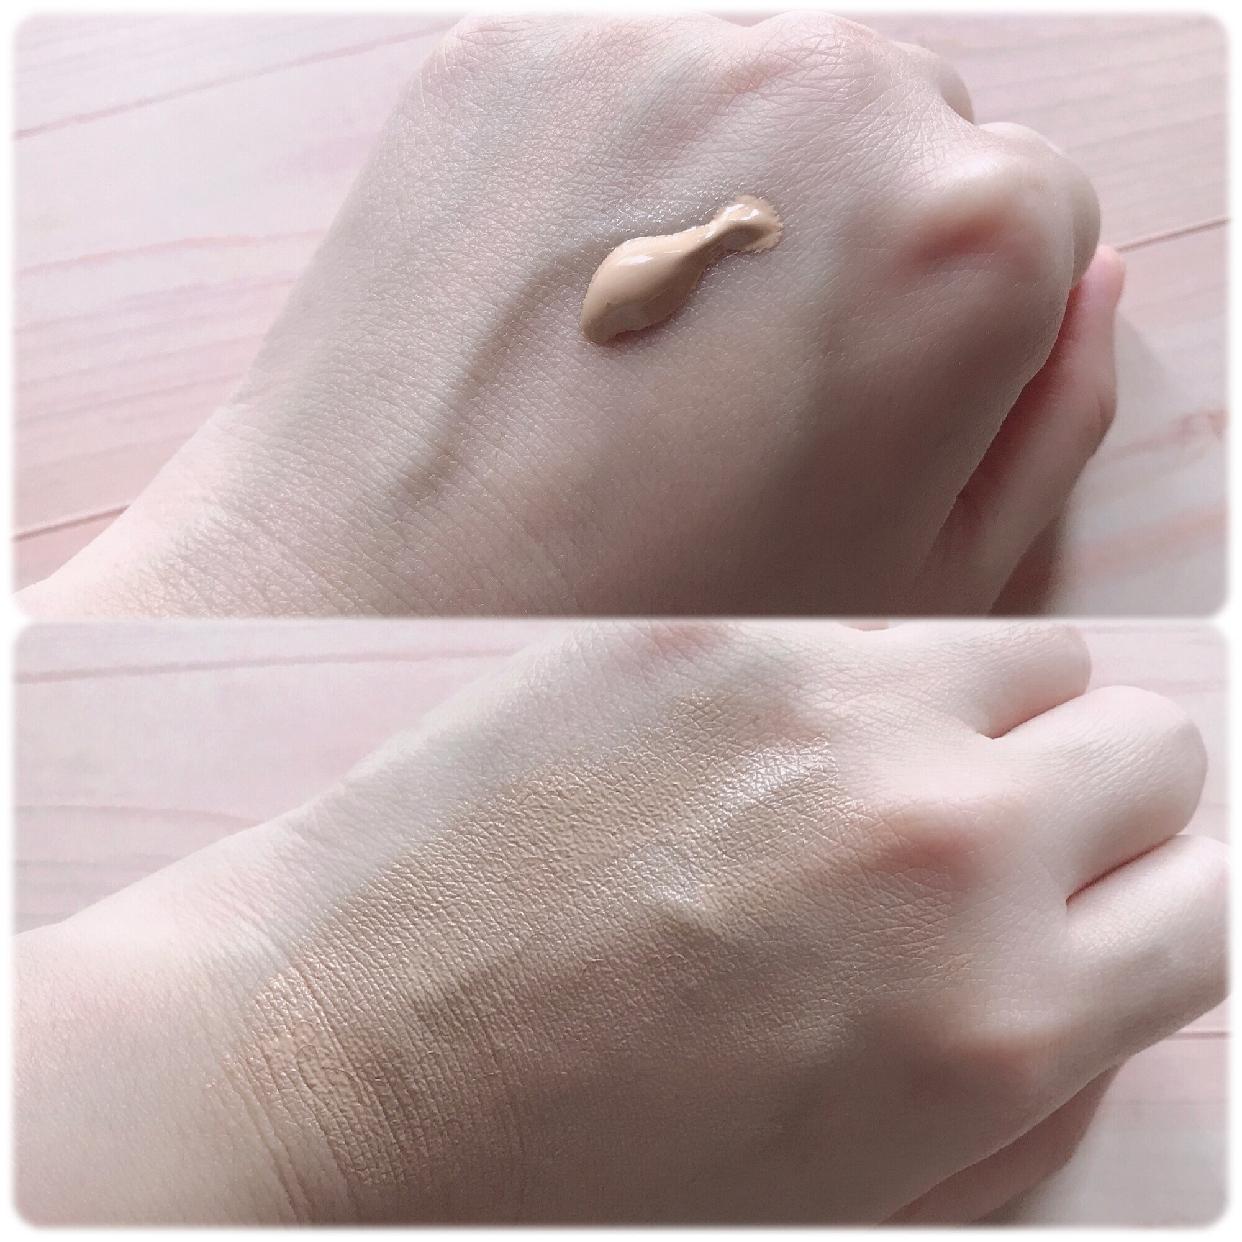 Moist Labo(モイストラボ) BBエッセンスクリームを使った土肥 真依子さんのクチコミ画像